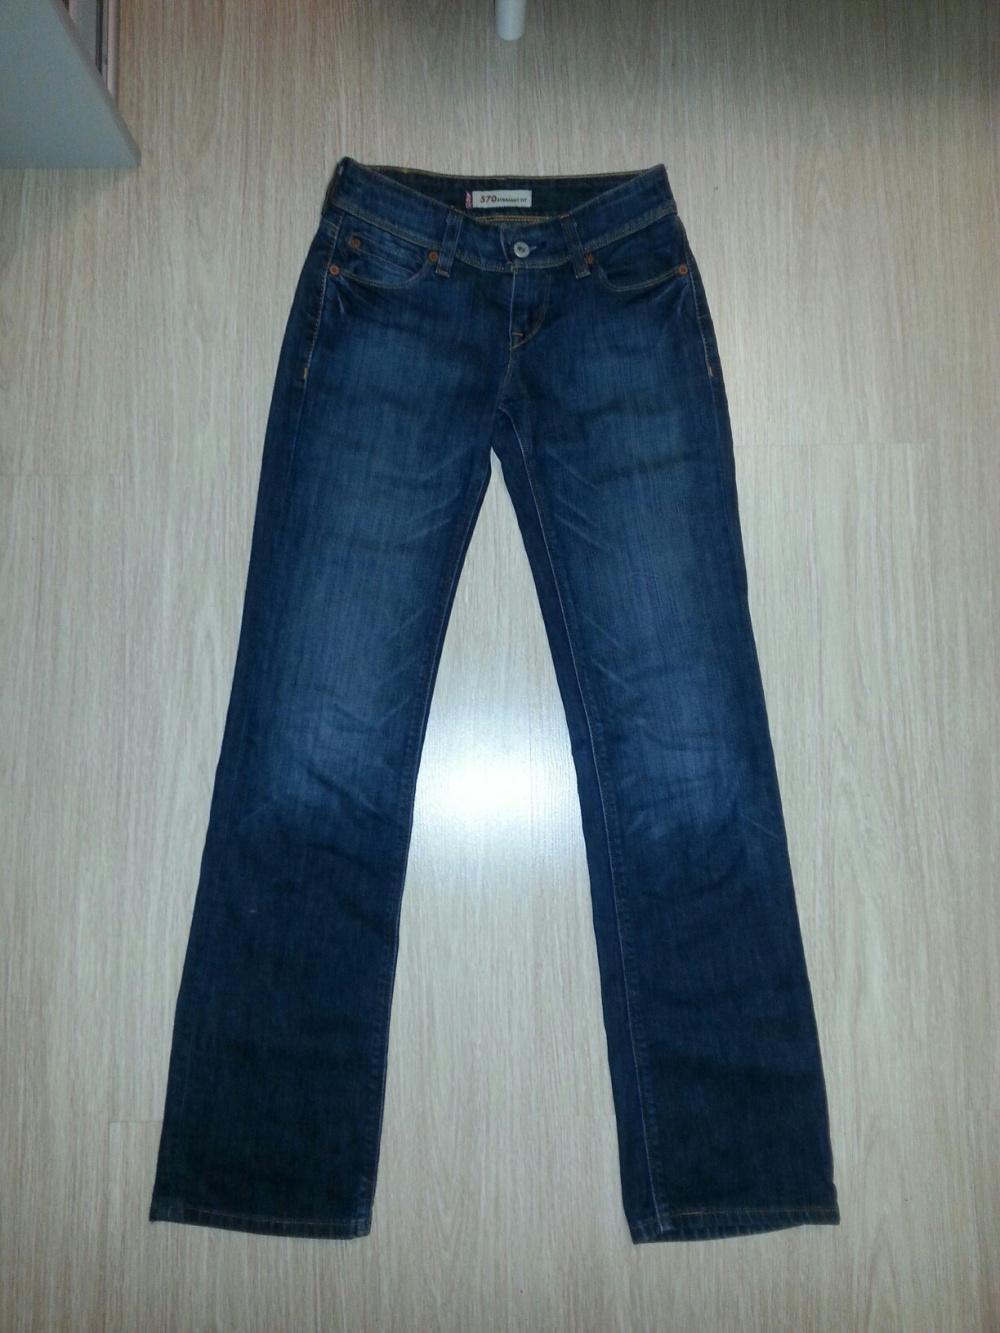 Купить джинсы в казани колинз